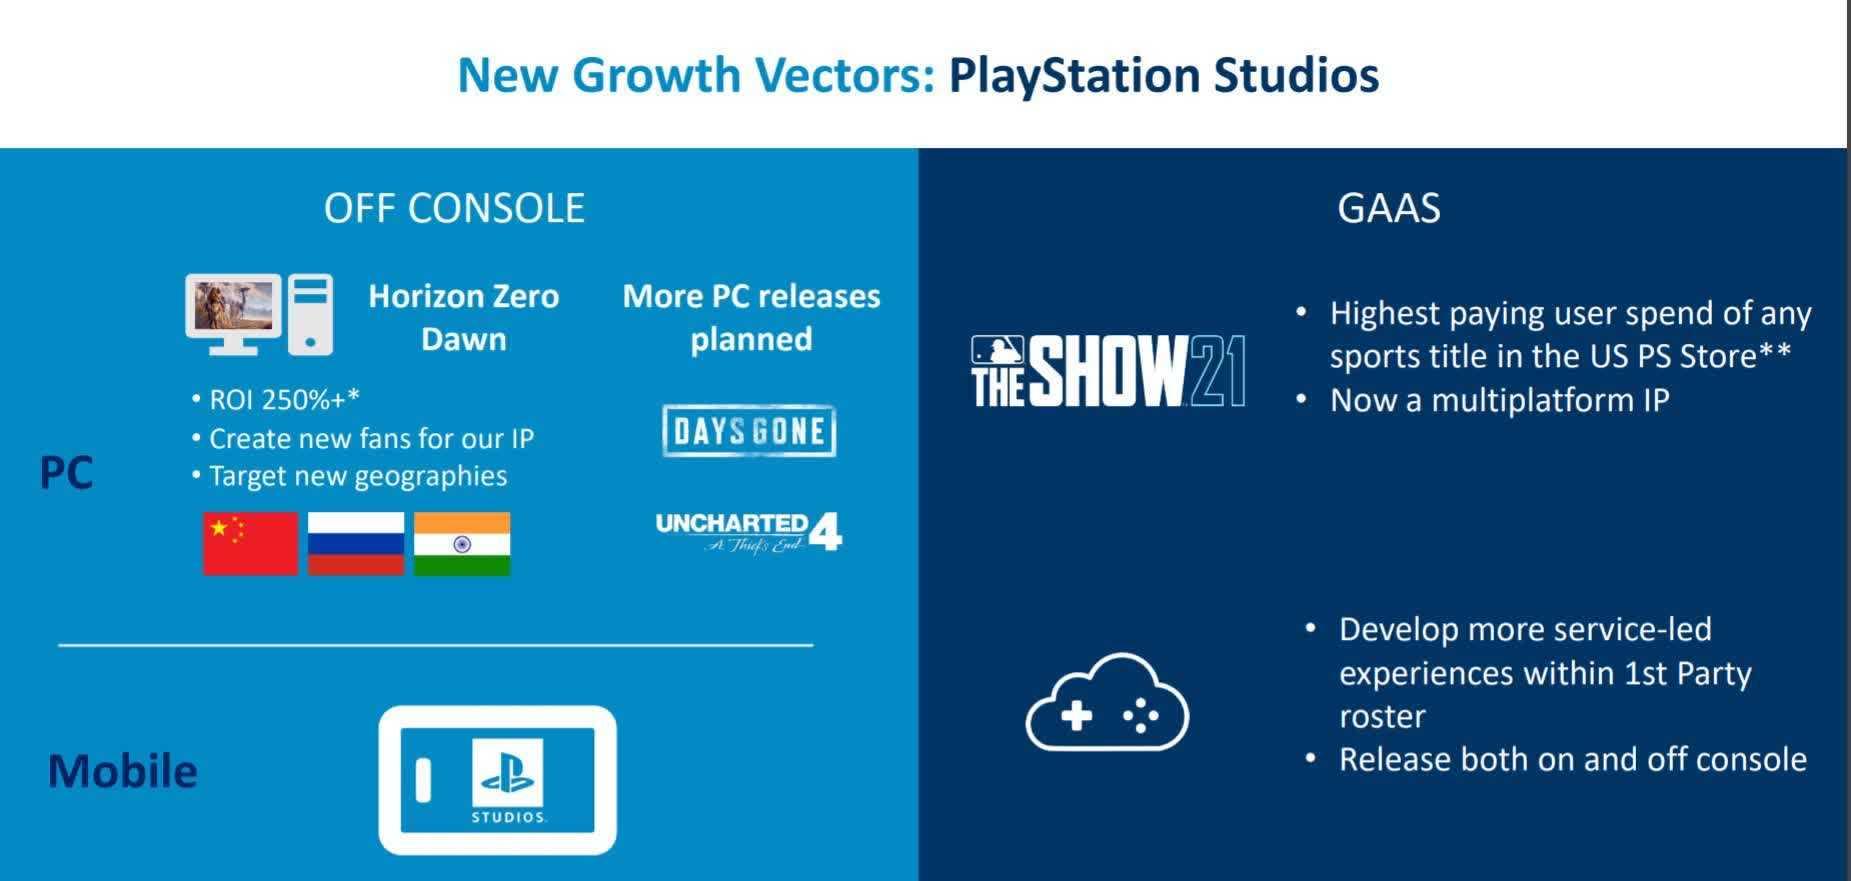 La version PC dUncharted 4 confirmee par Sony pourrait etre